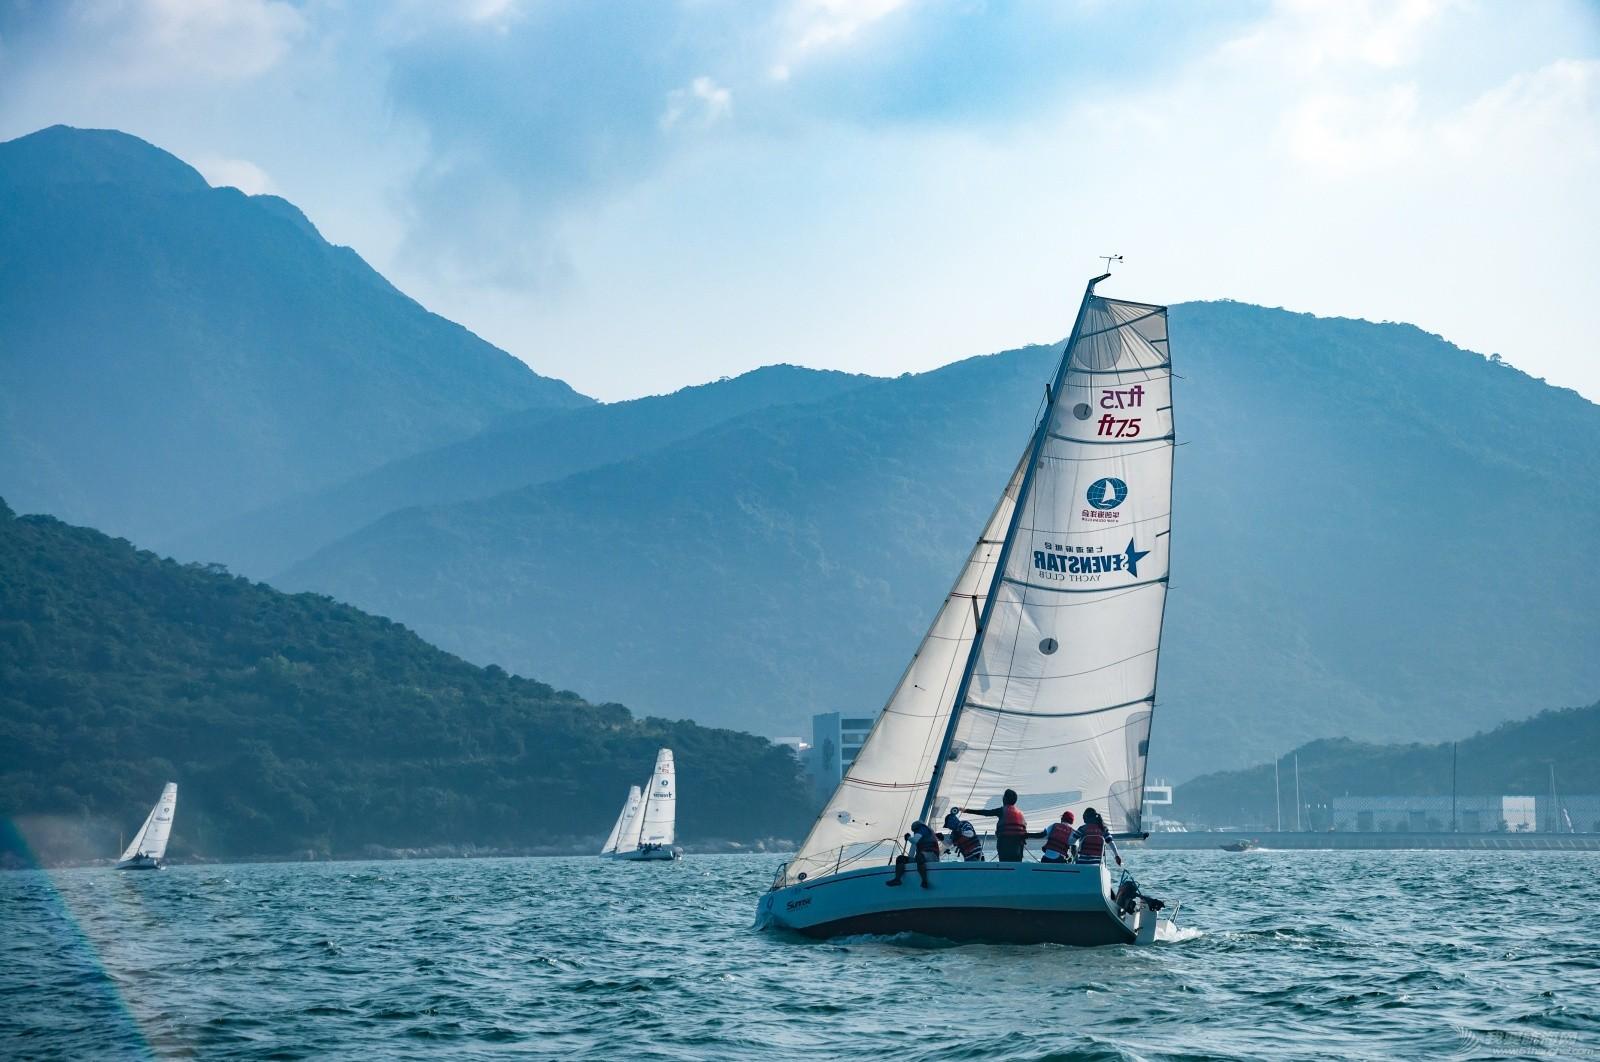 【2015大鹏杯帆船赛】51航海网船队在比赛中 s012.jpg